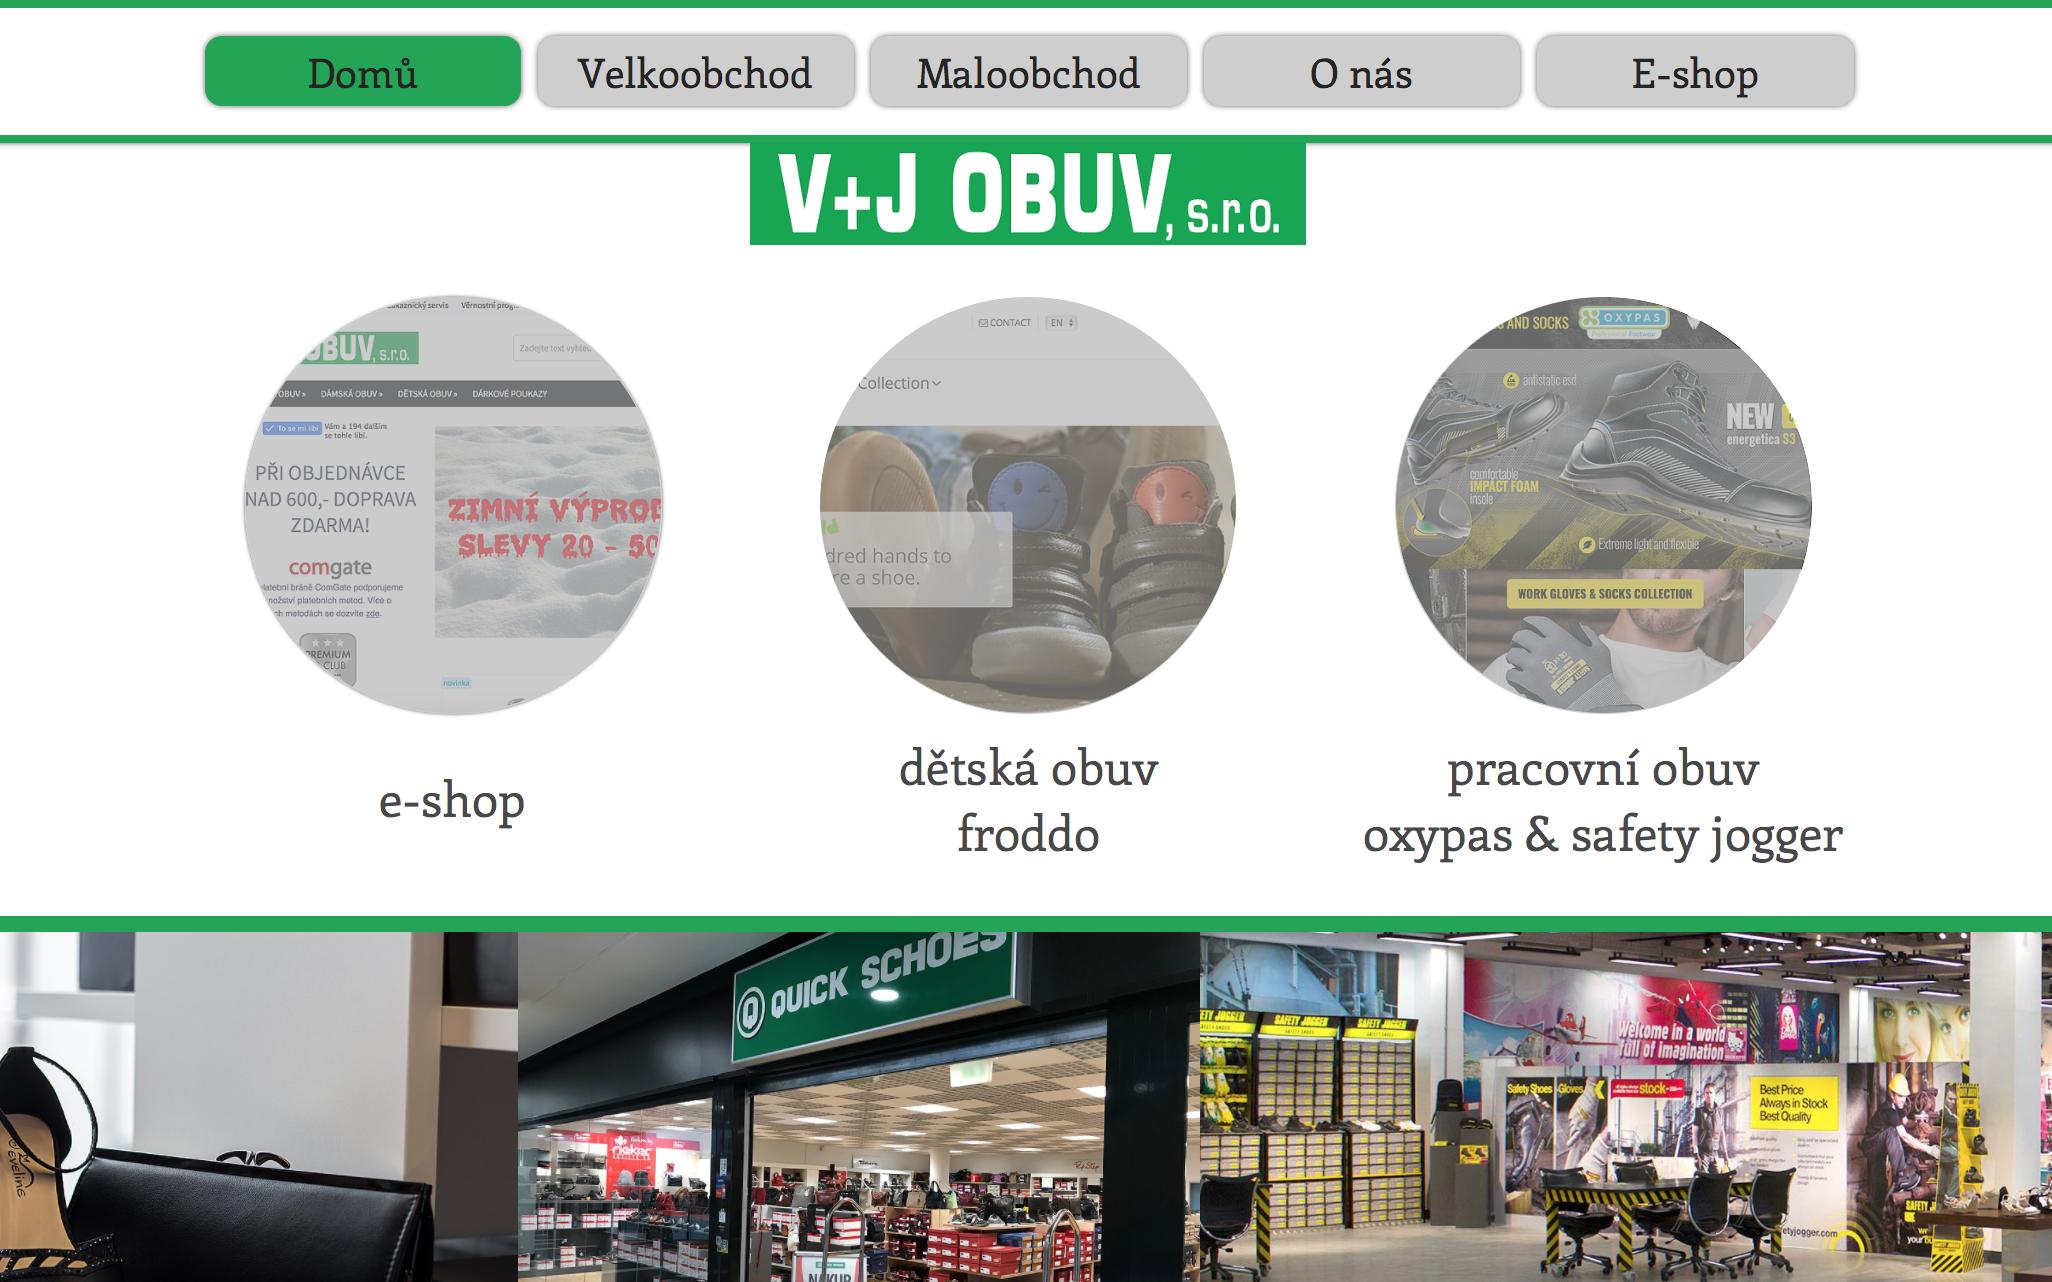 vjobuv.com